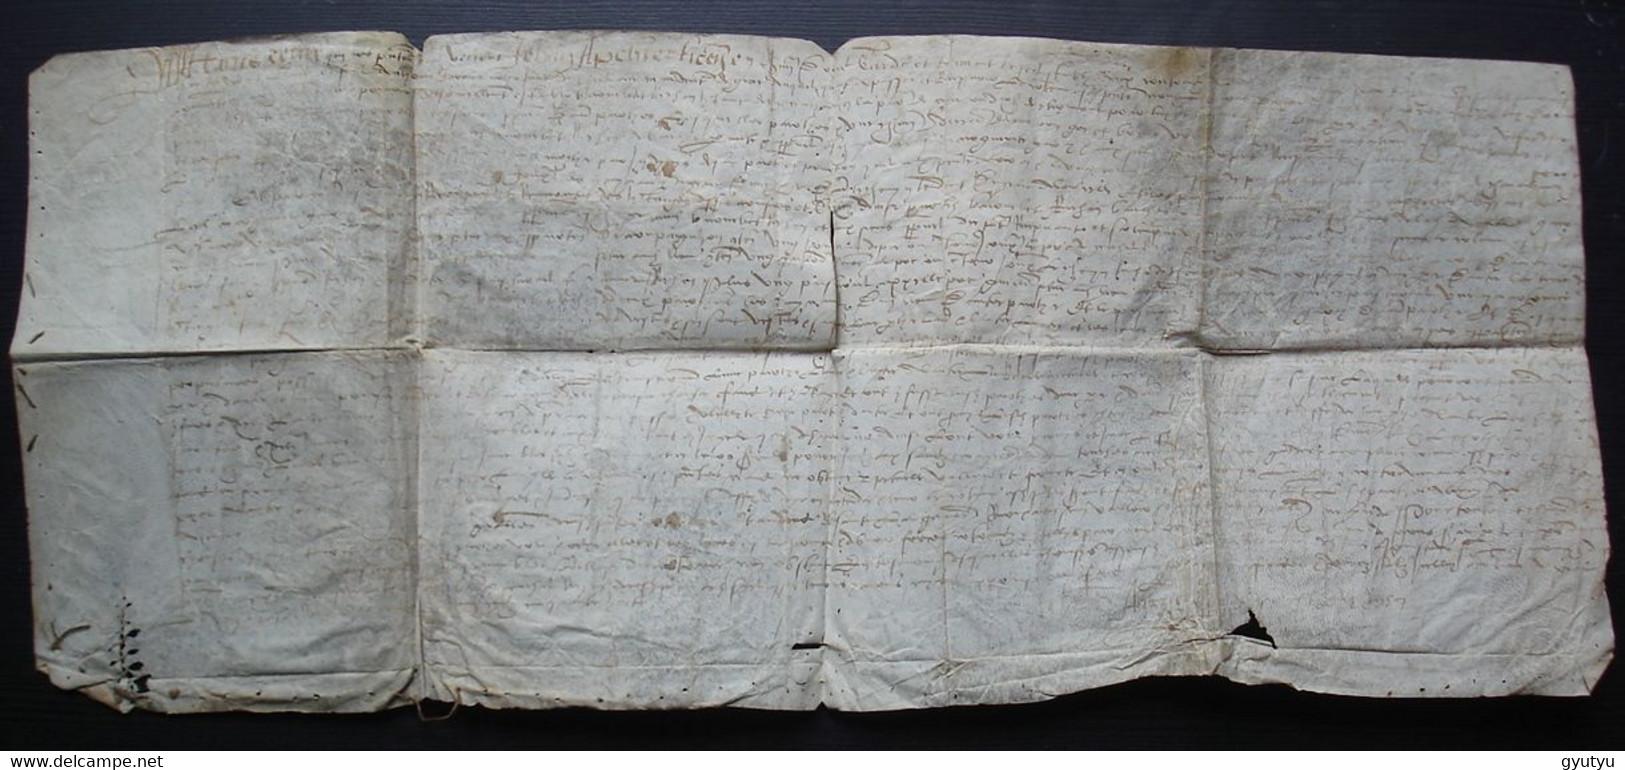 1558 Giat Diocèse De Clermont Grand Parchemin, échange D'héritages Barnabé Richon Et Anna Garay, Veuve Richon - Manuscripts